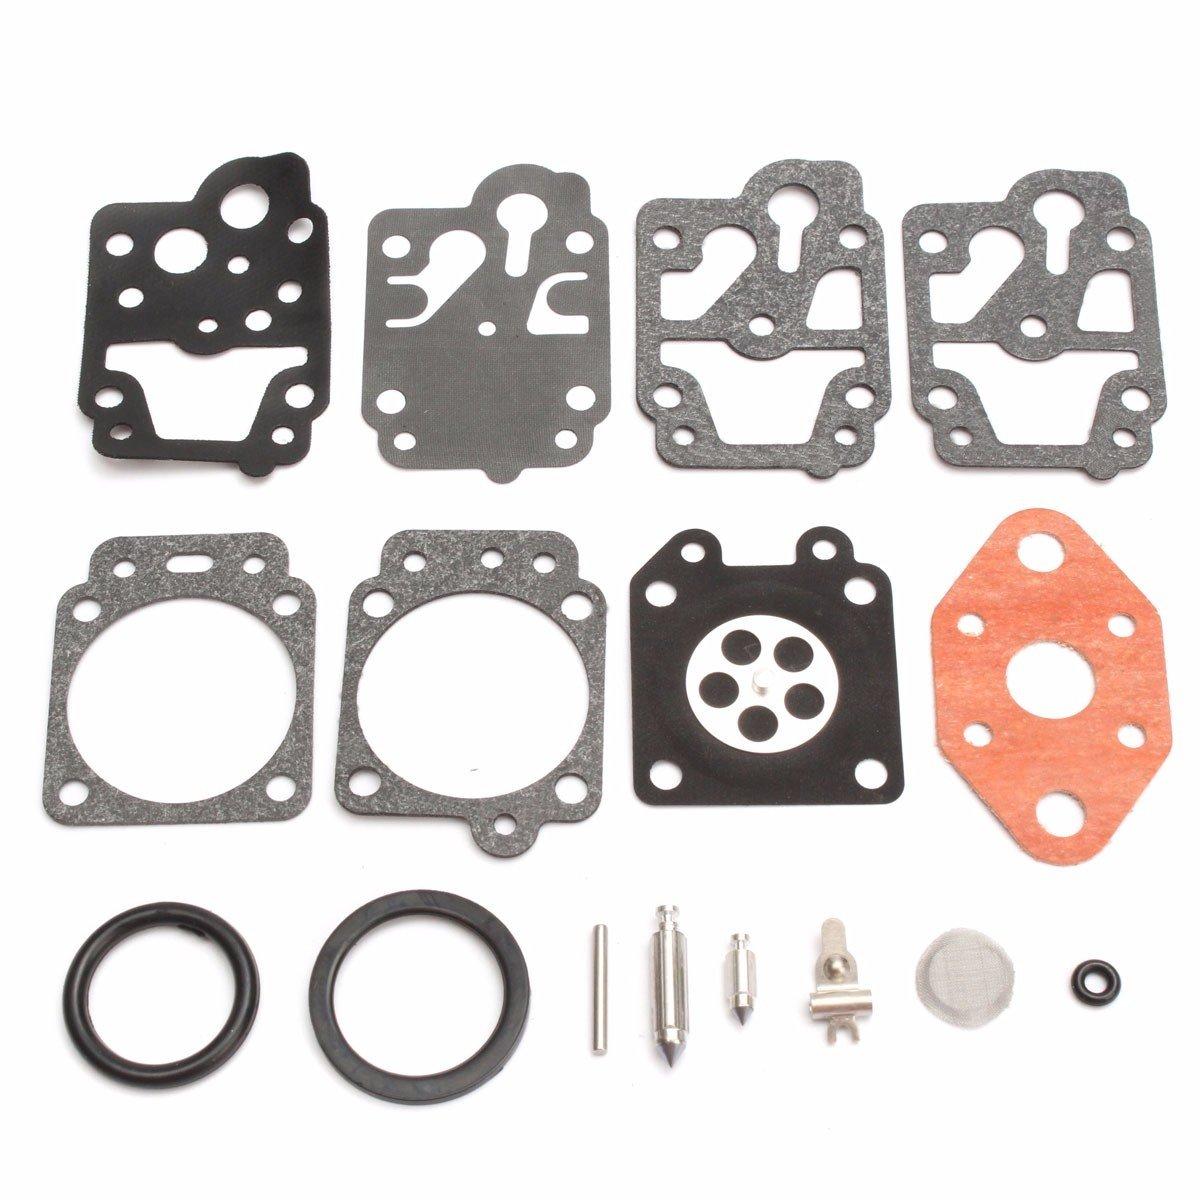 Carburetor Repair Kit Rebuild Tool Gasket Set For Walbro K20-Wyl B077WLQPDH